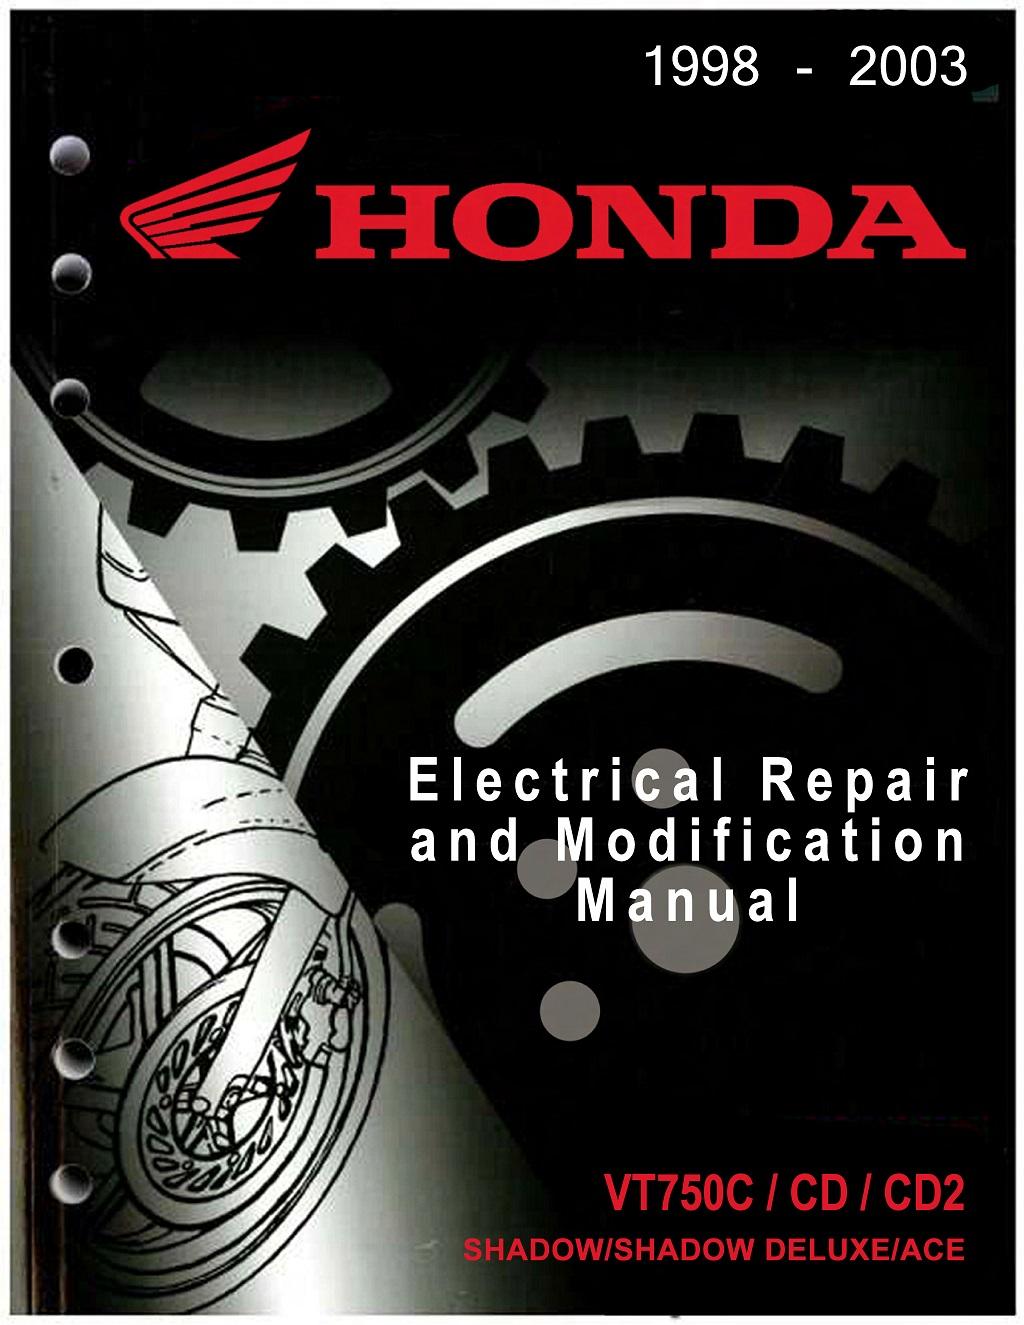 Workshop Manual for Honda VT750CD (1998-2003) Electrial Repair and Modification Manual